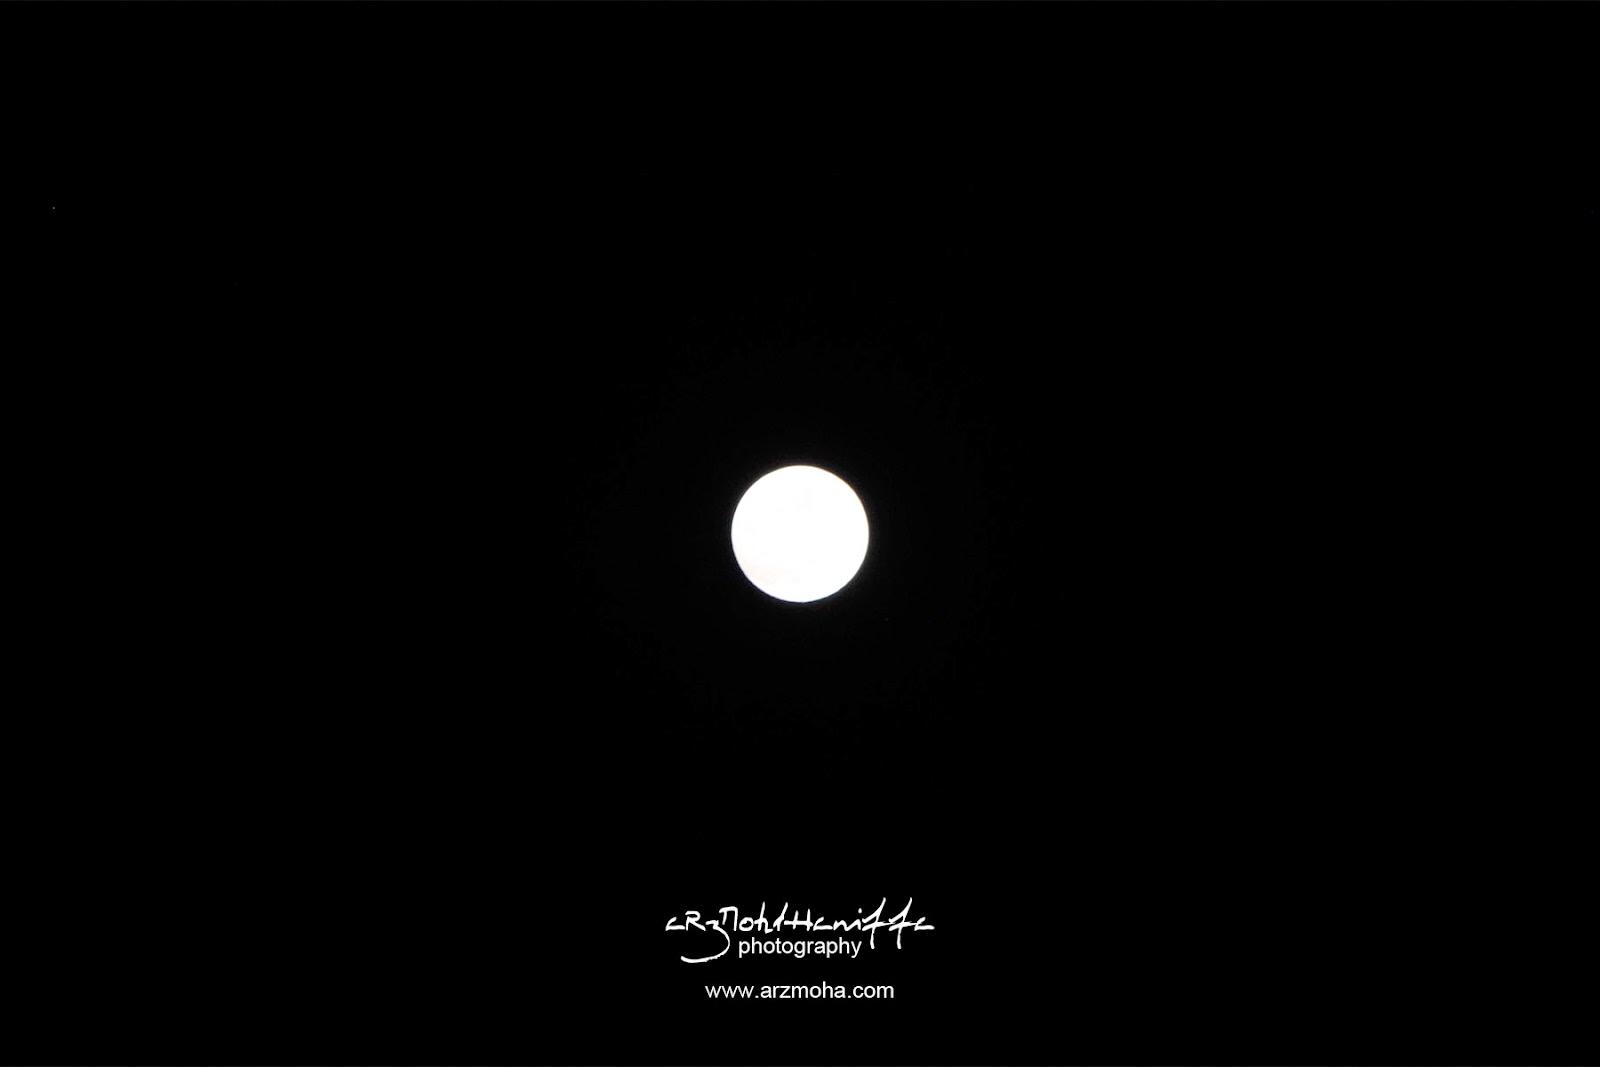 Bulan mengambang, bulan penuh, full moon, arzmoha.com, gambar cantik, arzmohdhaniffa photography, indahnya bulan